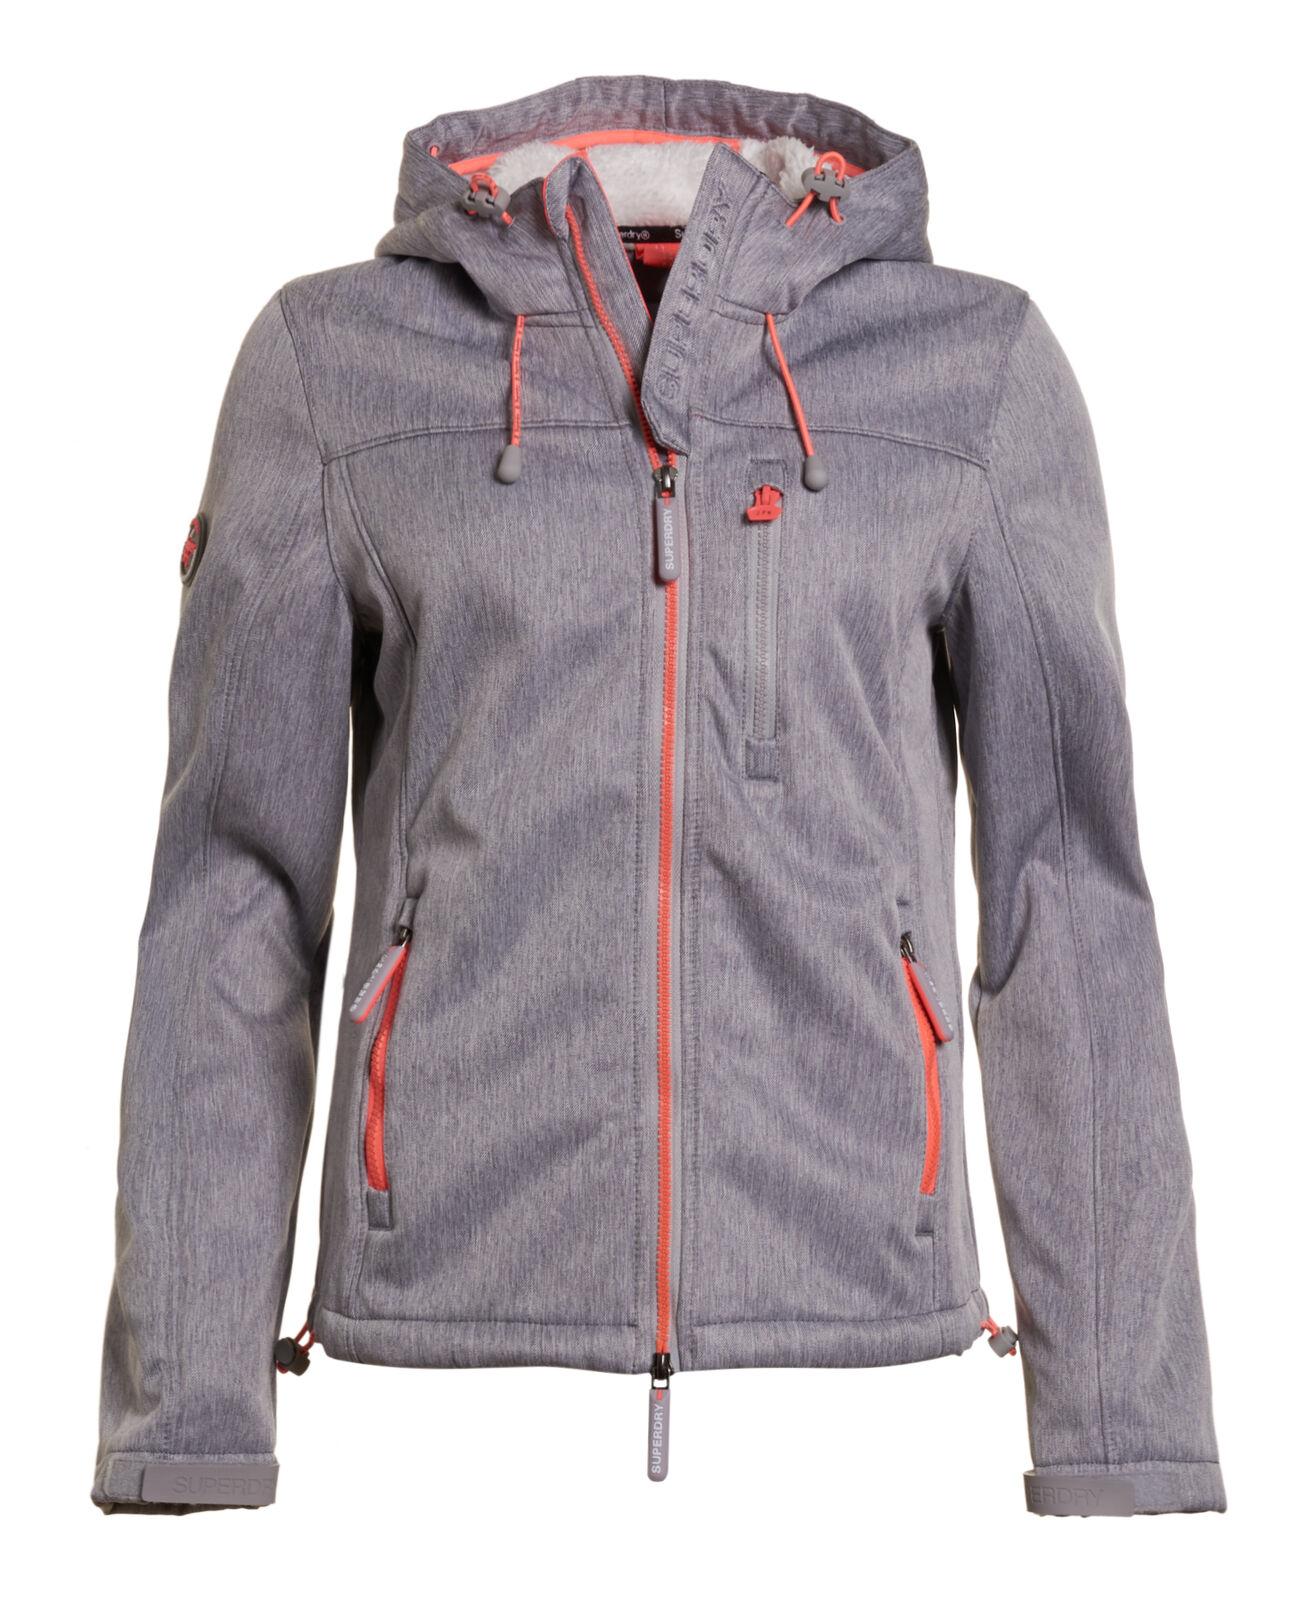 Neue Damen Superdry Hooded Sherpa SD-Windcheater Light Grau Meliert Meliert Meliert | Kostengünstig  | Lassen Sie unsere Produkte in die Welt gehen  | Modern Und Elegant In Der Mode  7096dd